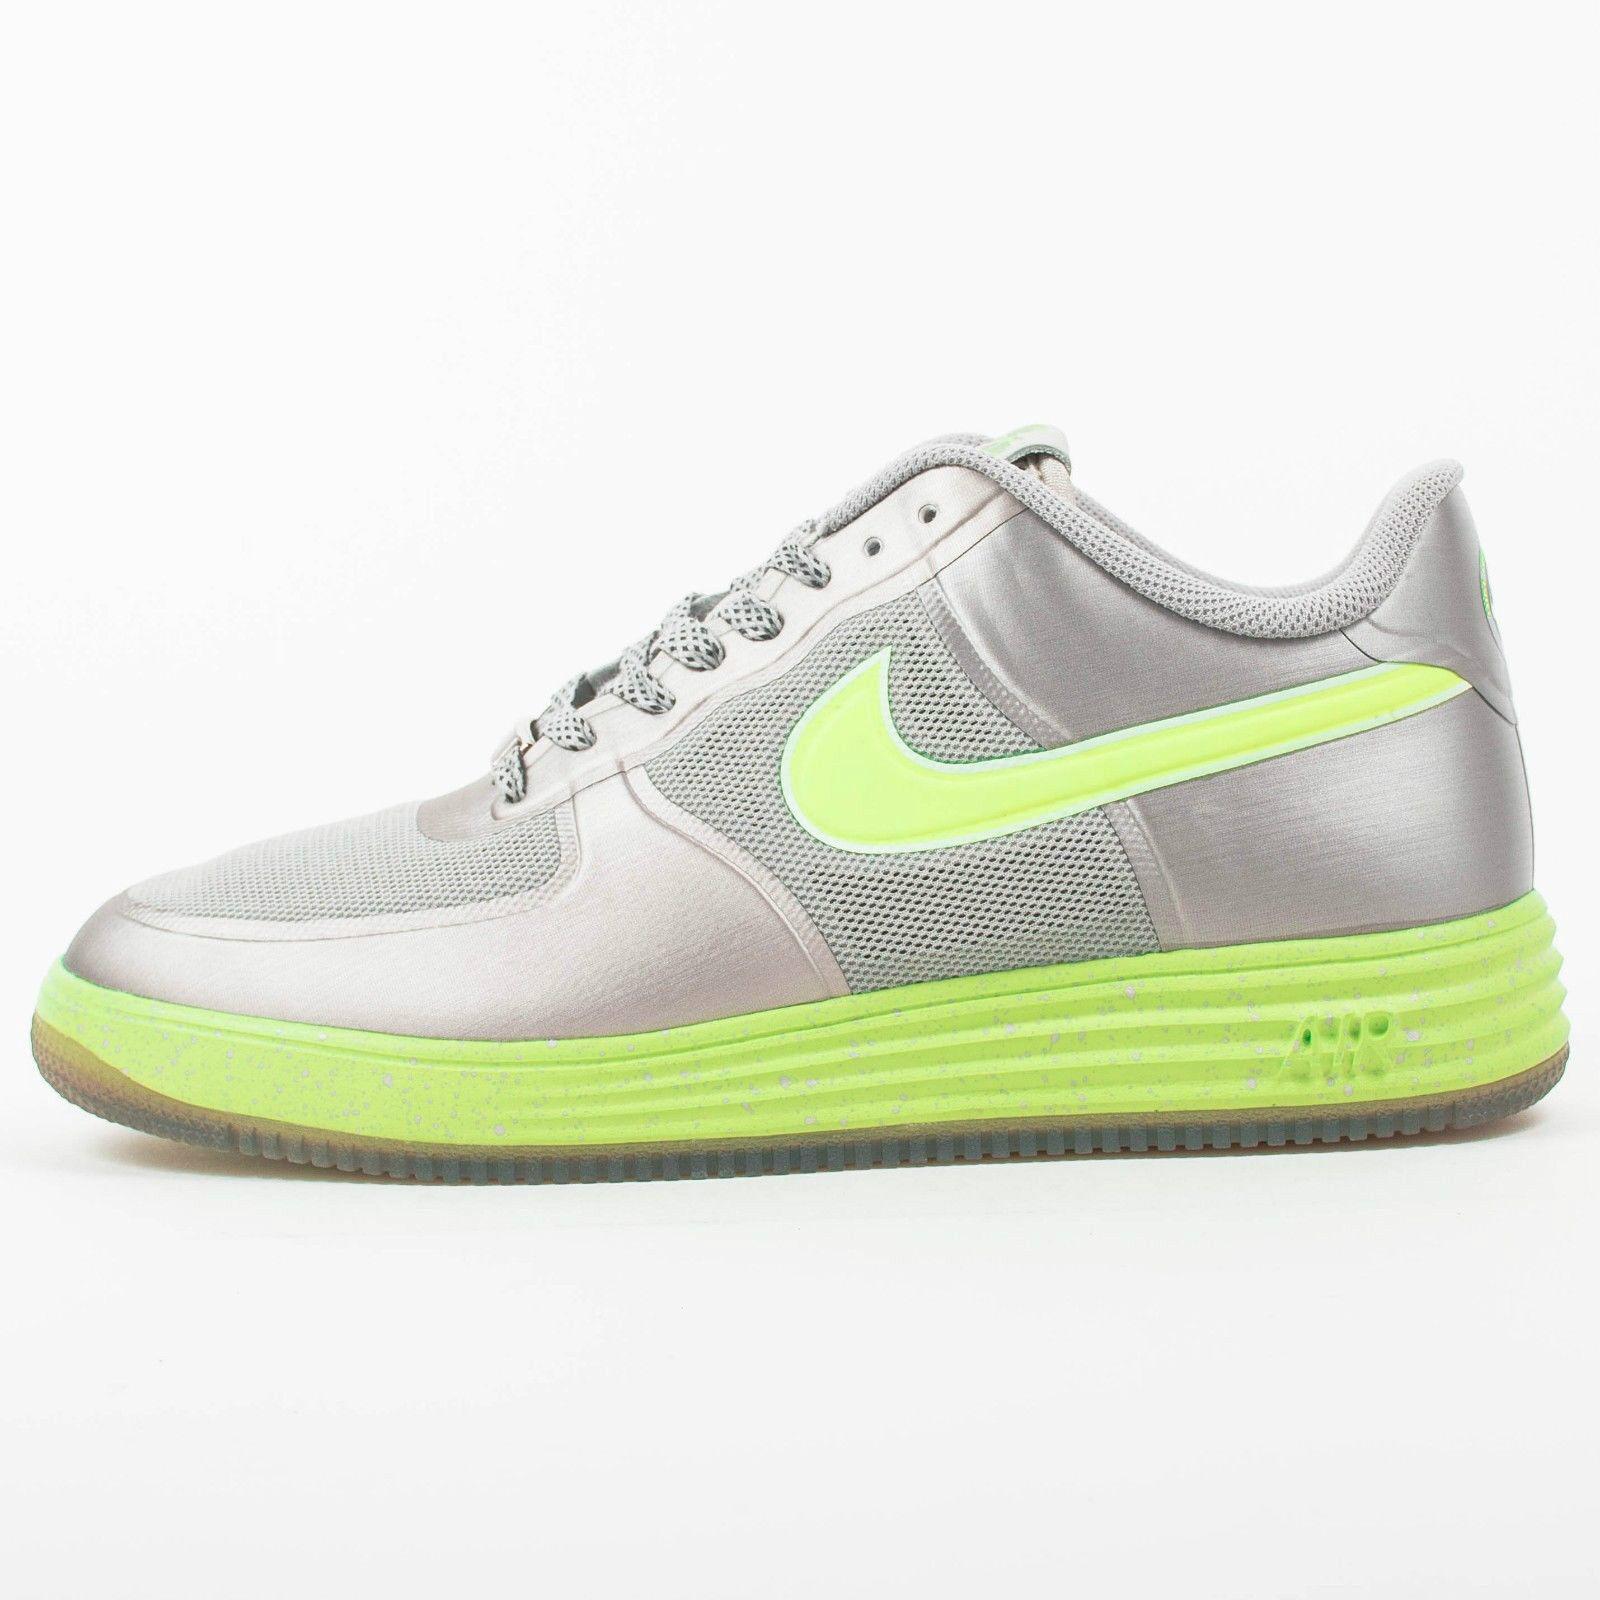 Nike lunar vigore 1 miccia 555027 002 scarpe 125.00 da uomo sz 11,5 125.00 scarpe b31498